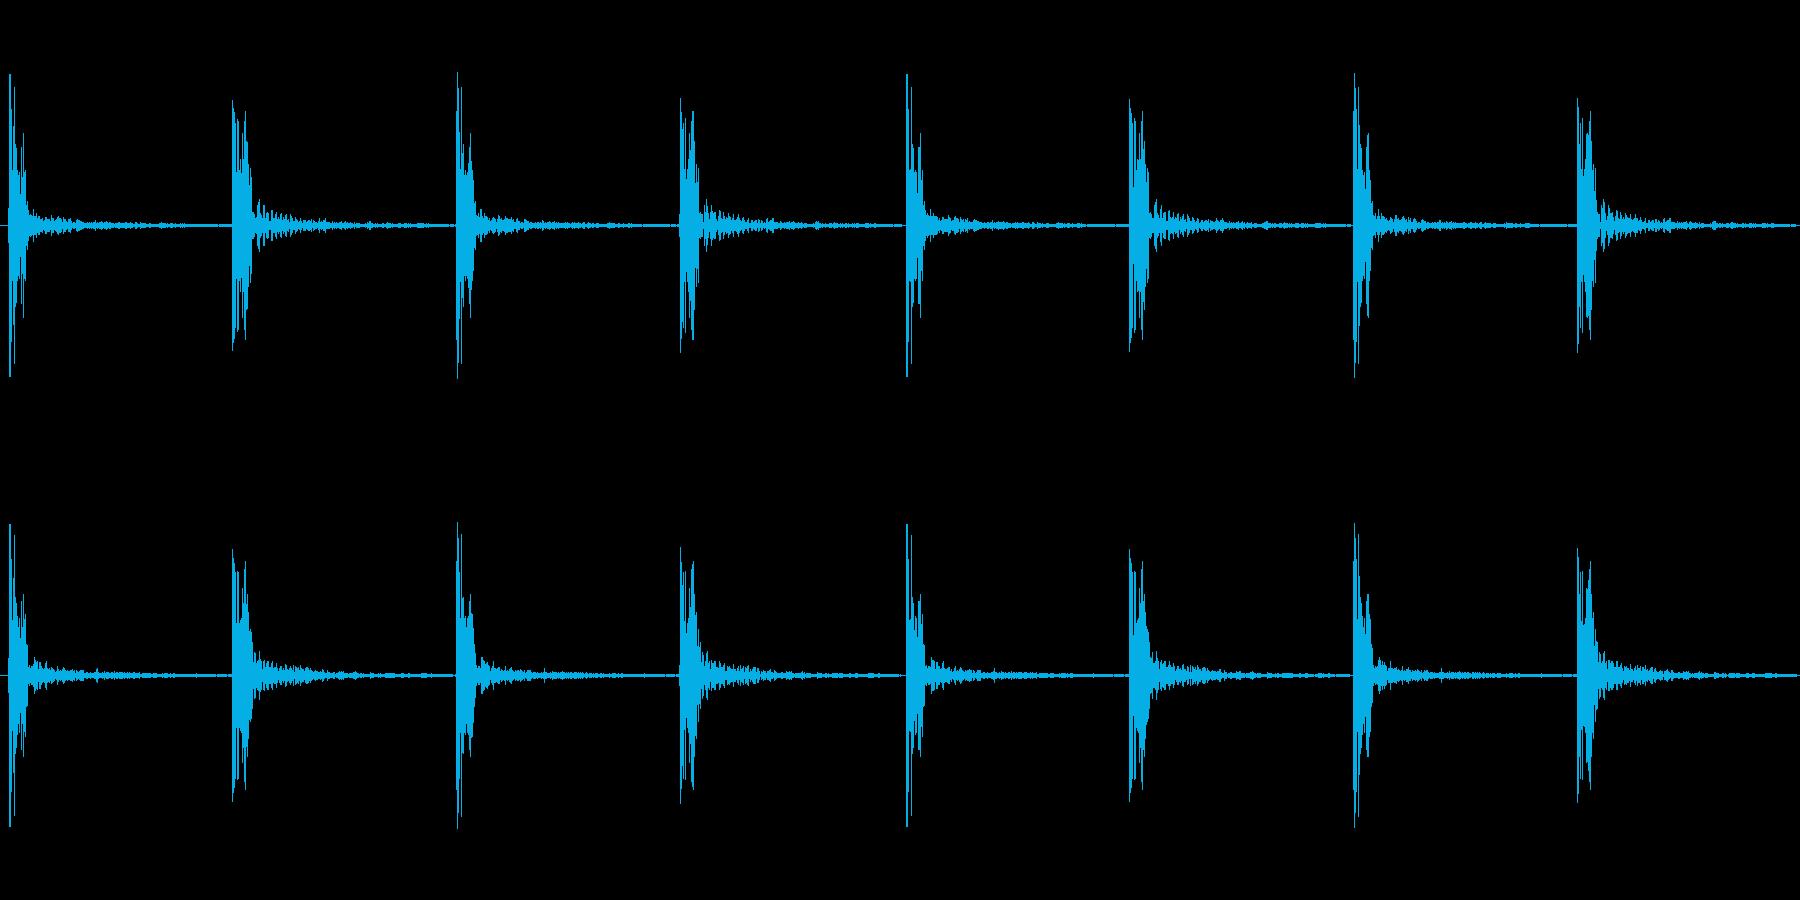 足音 ロング版 重量感あるコミカルな足音の再生済みの波形